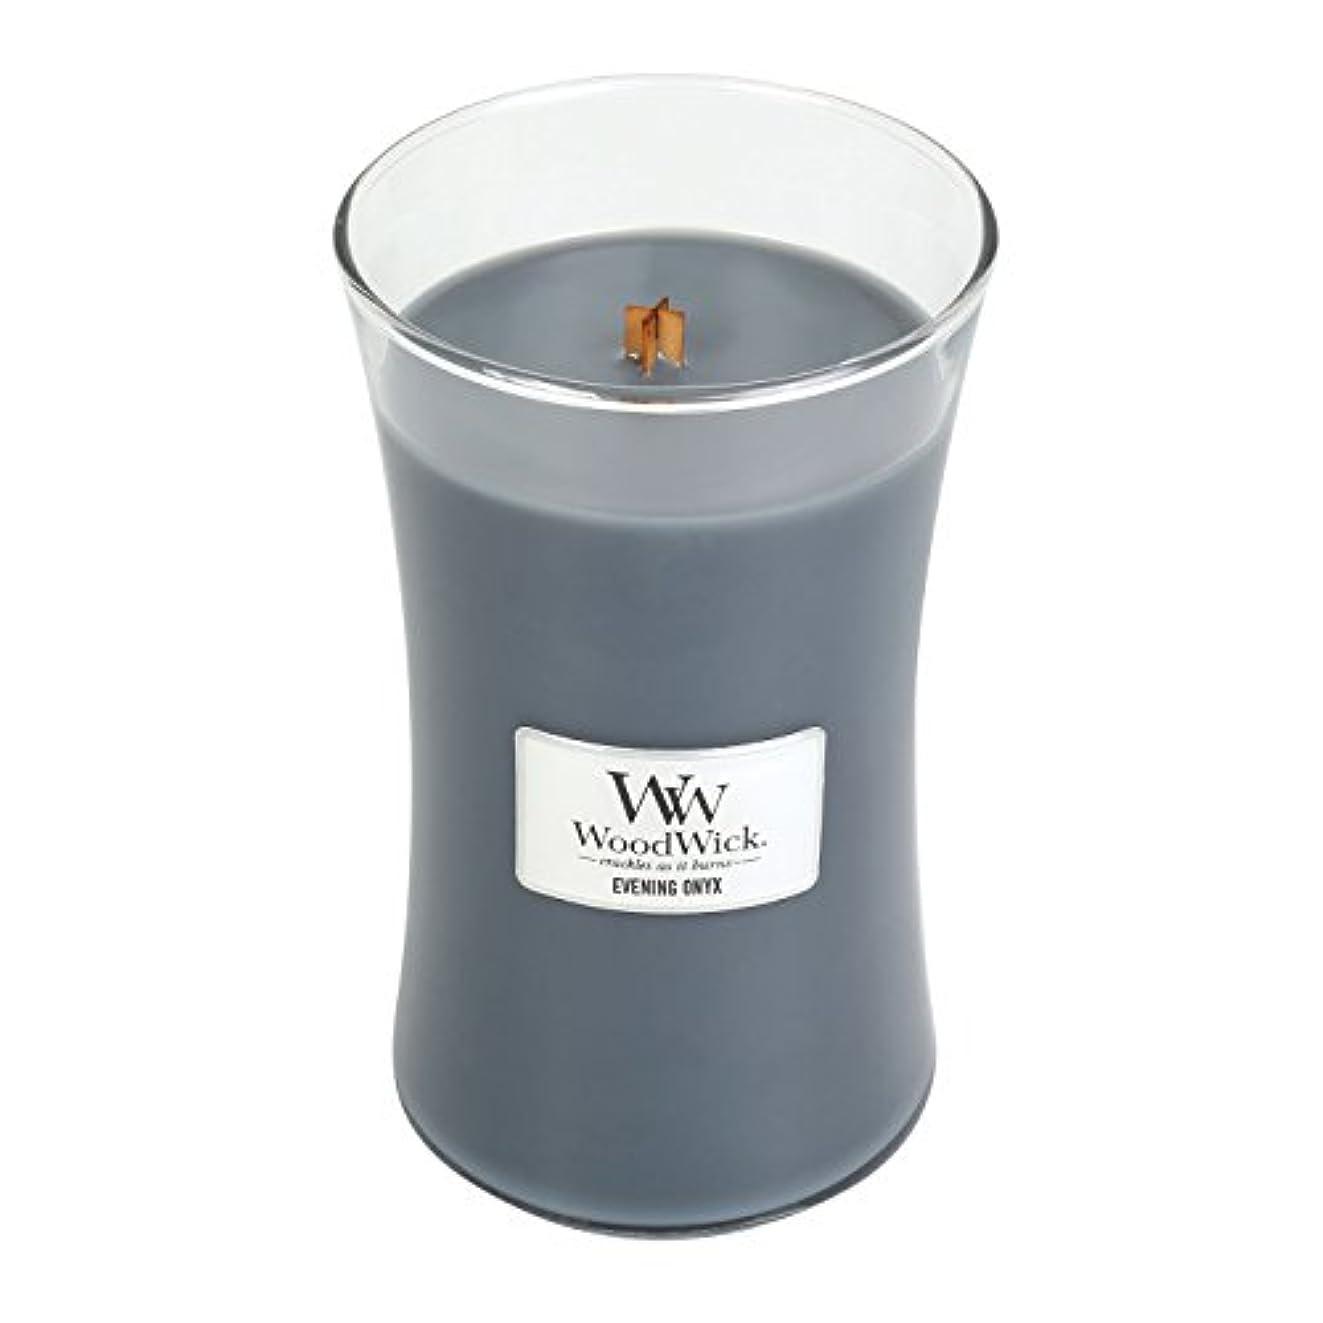 品種追跡物語WoodWick EVENING ONYX, Highly Scented Candle, Classic Hourglass Jar, Large 18cm, 640ml